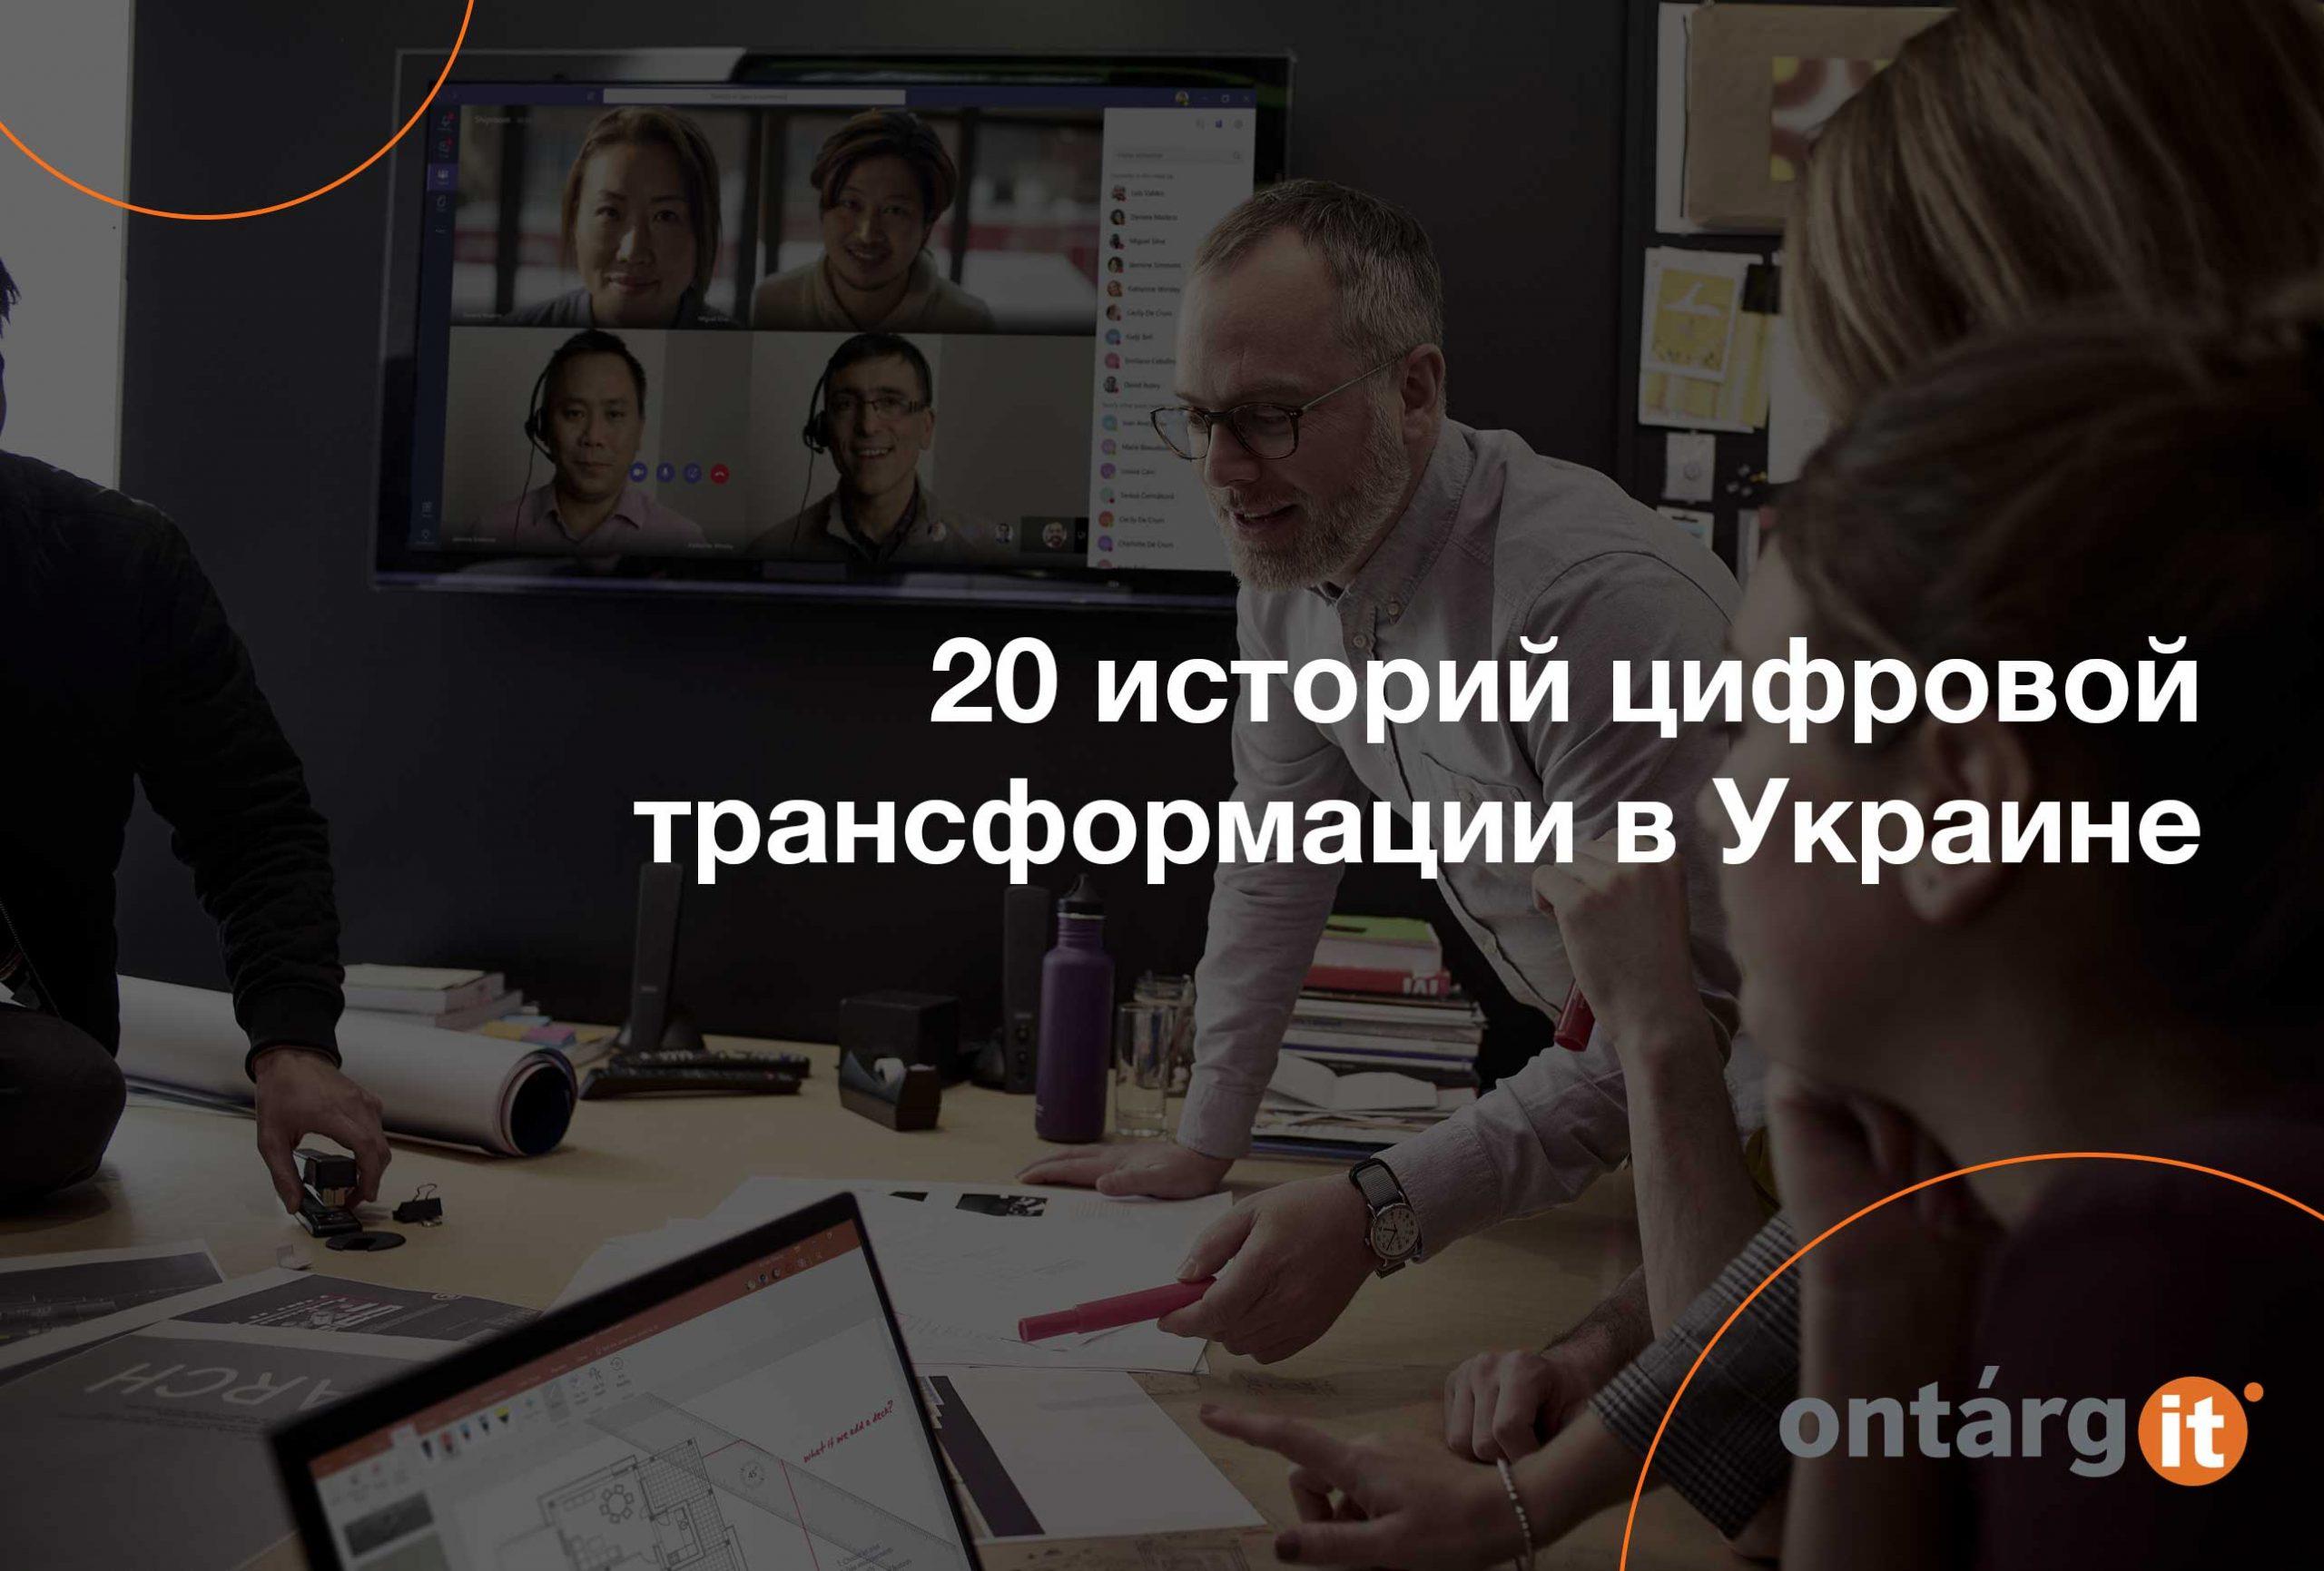 20-историй-цифровой-трансформации-в-Украине